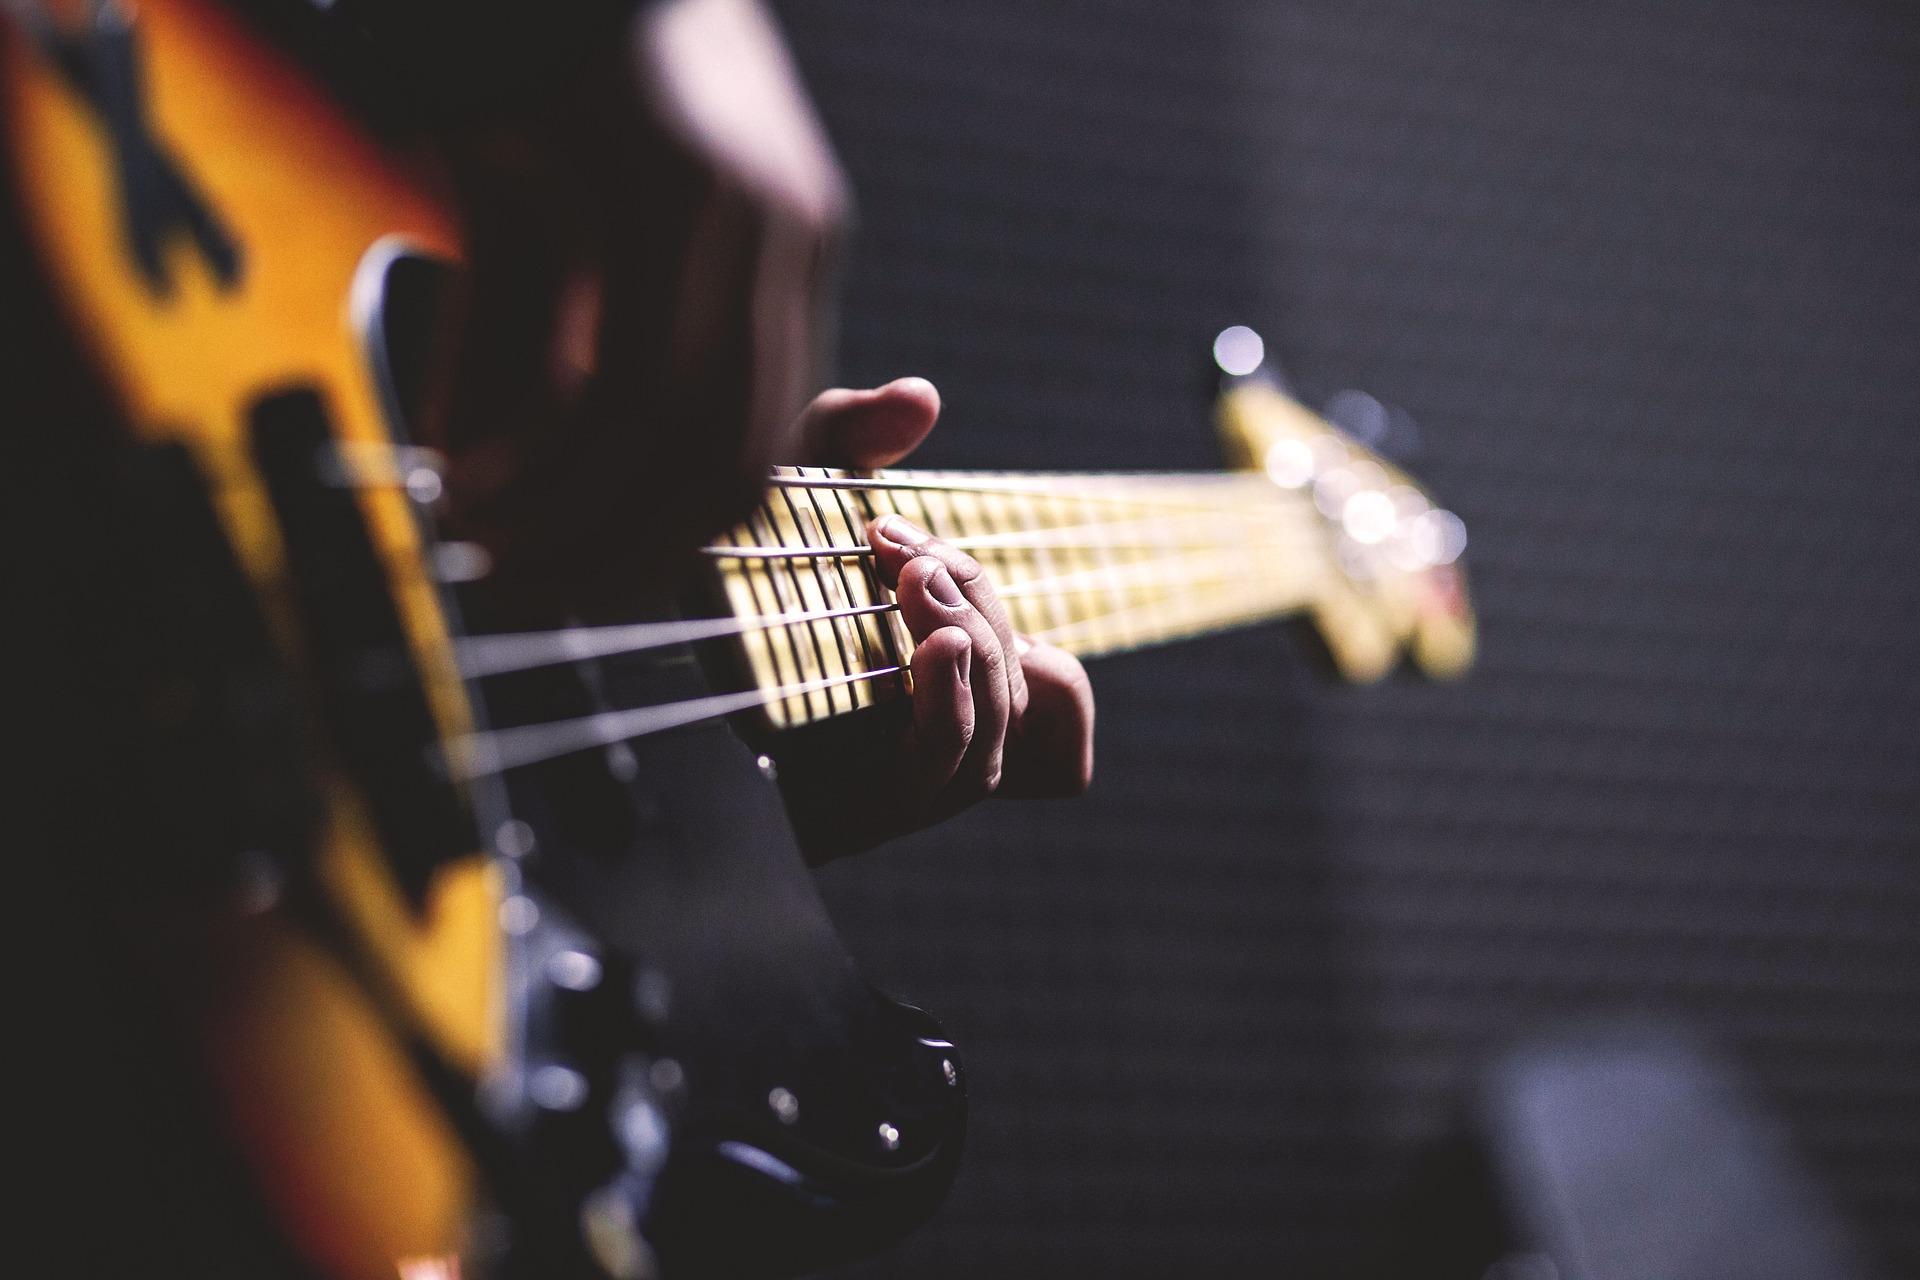 Como tirar músicas de ouvido